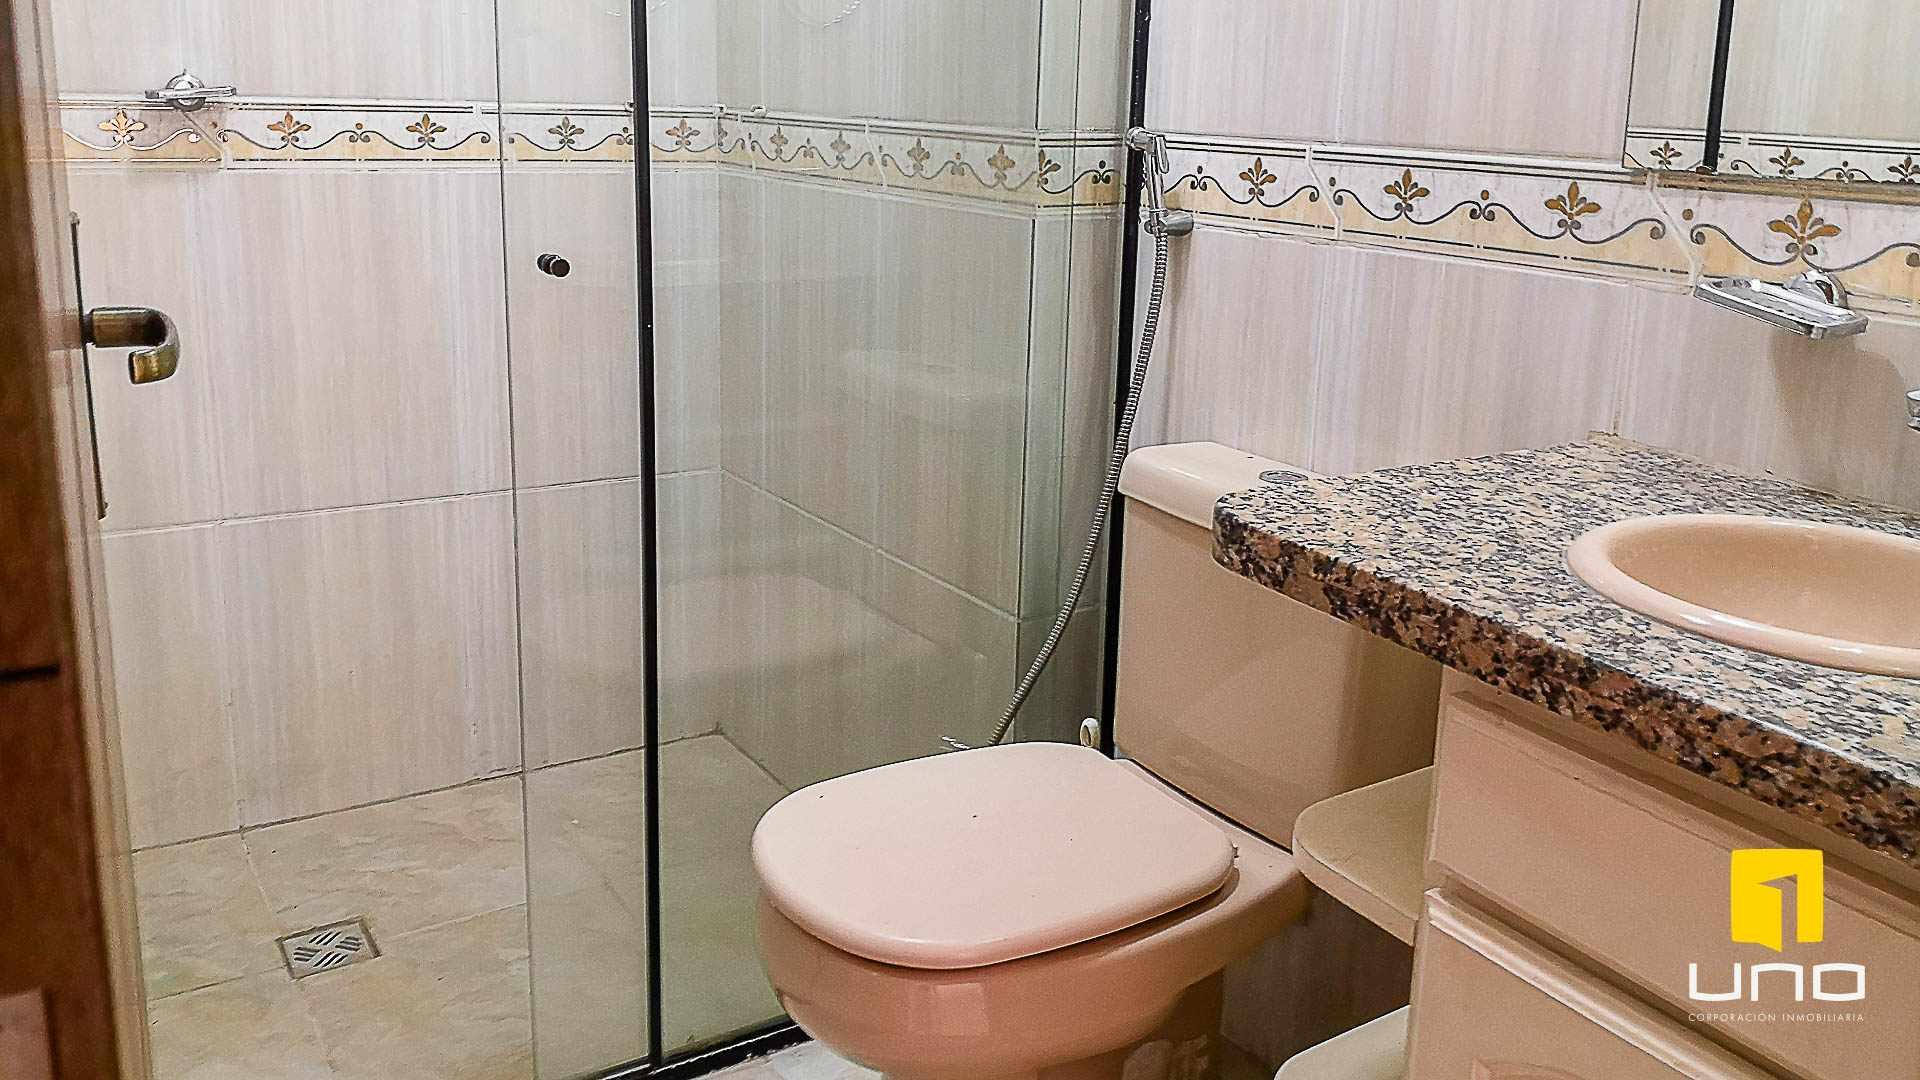 Casa en Venta $us 150.000 VENDO CASA AV ALEMANA DENTRO 3ER ANILLO TIPO DUPLEX Foto 4